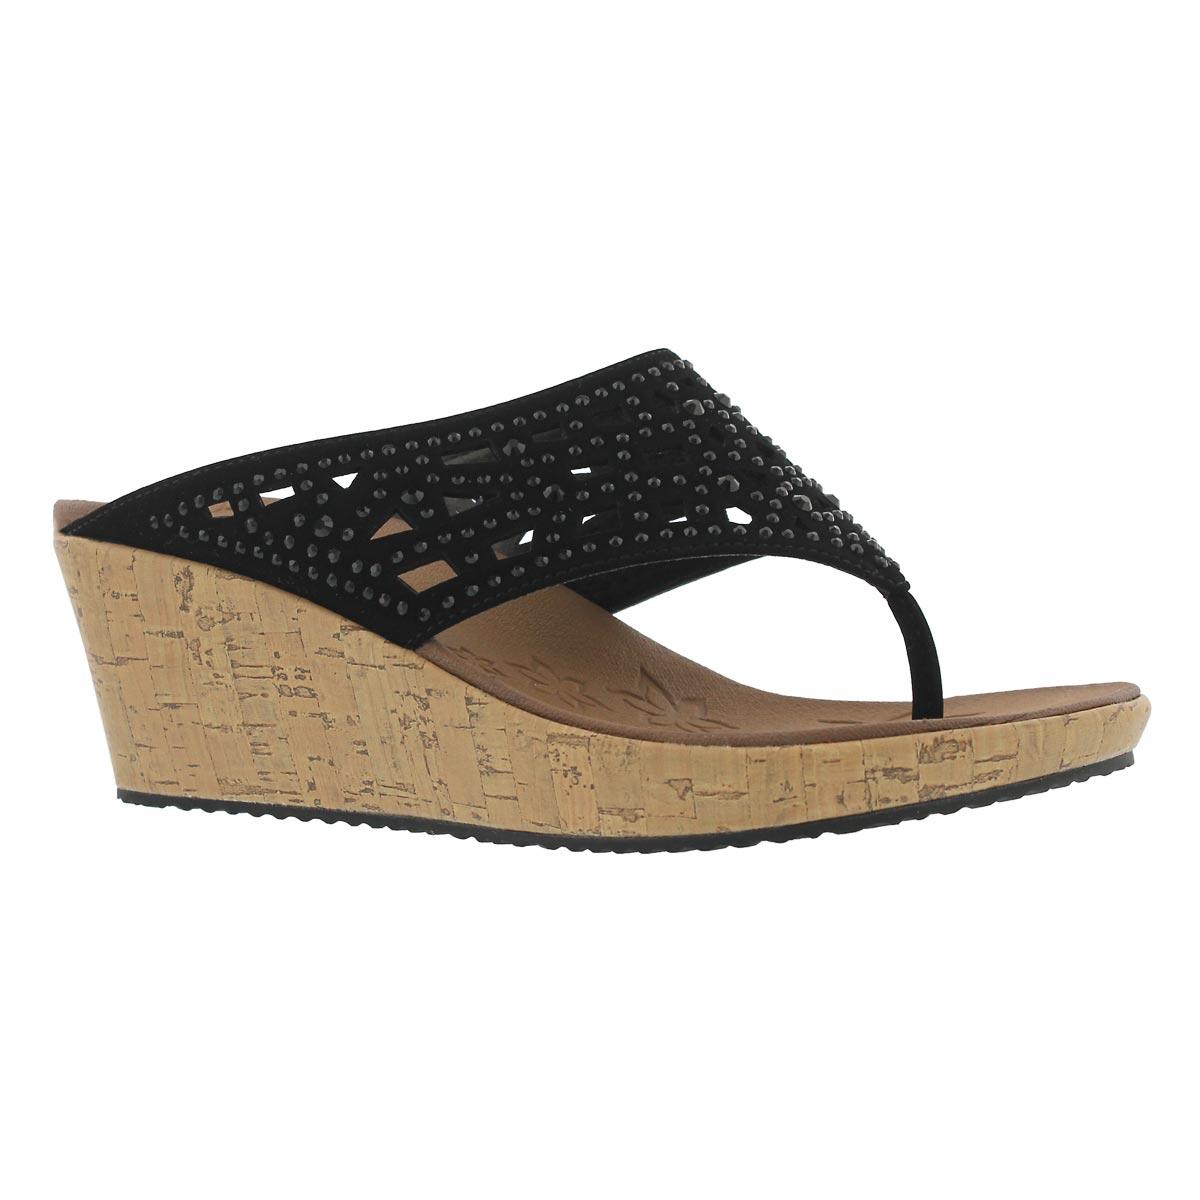 Women's BEVERLEE DAZZLED blk thong wedge sandals